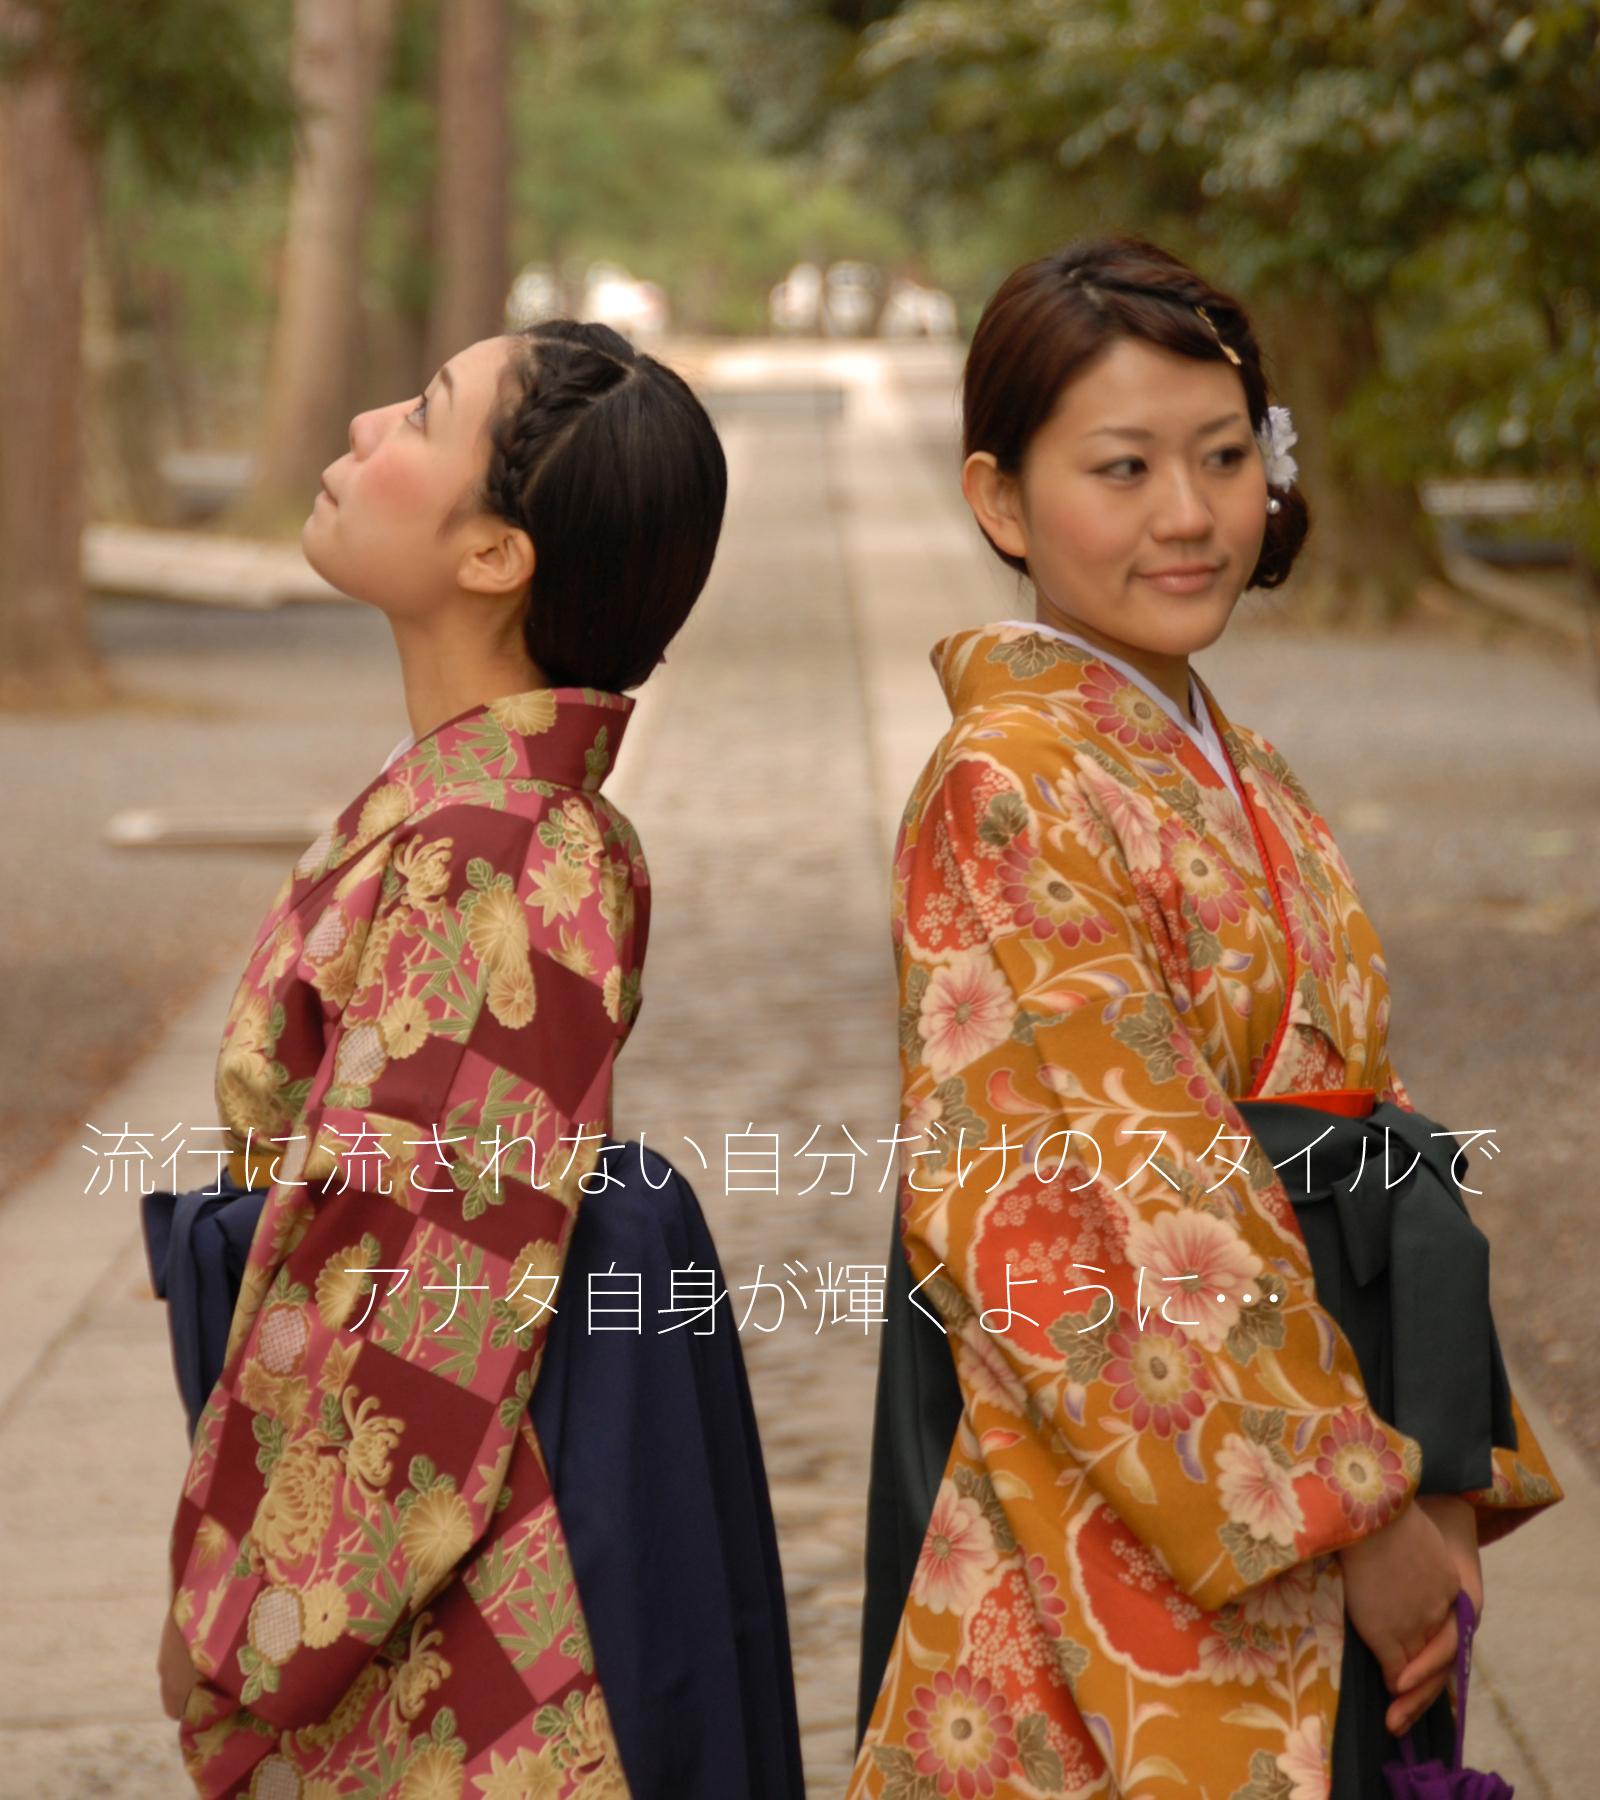 流行に流されない古典柄の卒業式袴レンタル